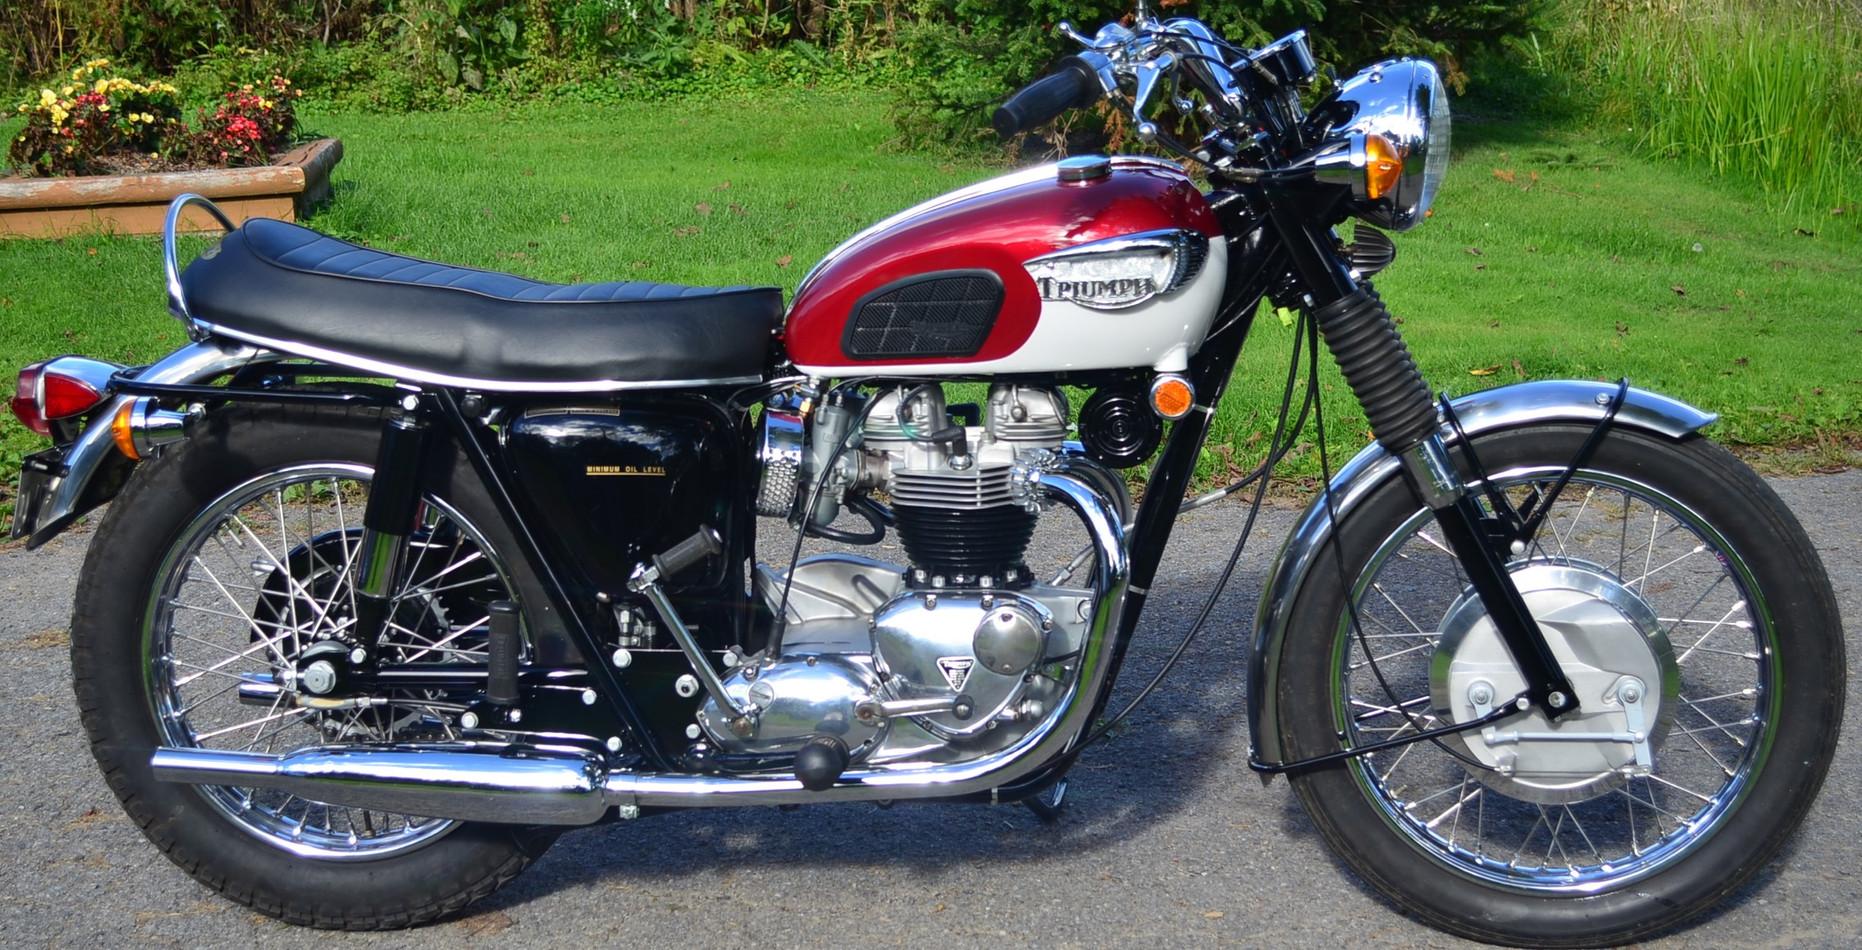 1968 650 Triumph Bonneville motorcycle